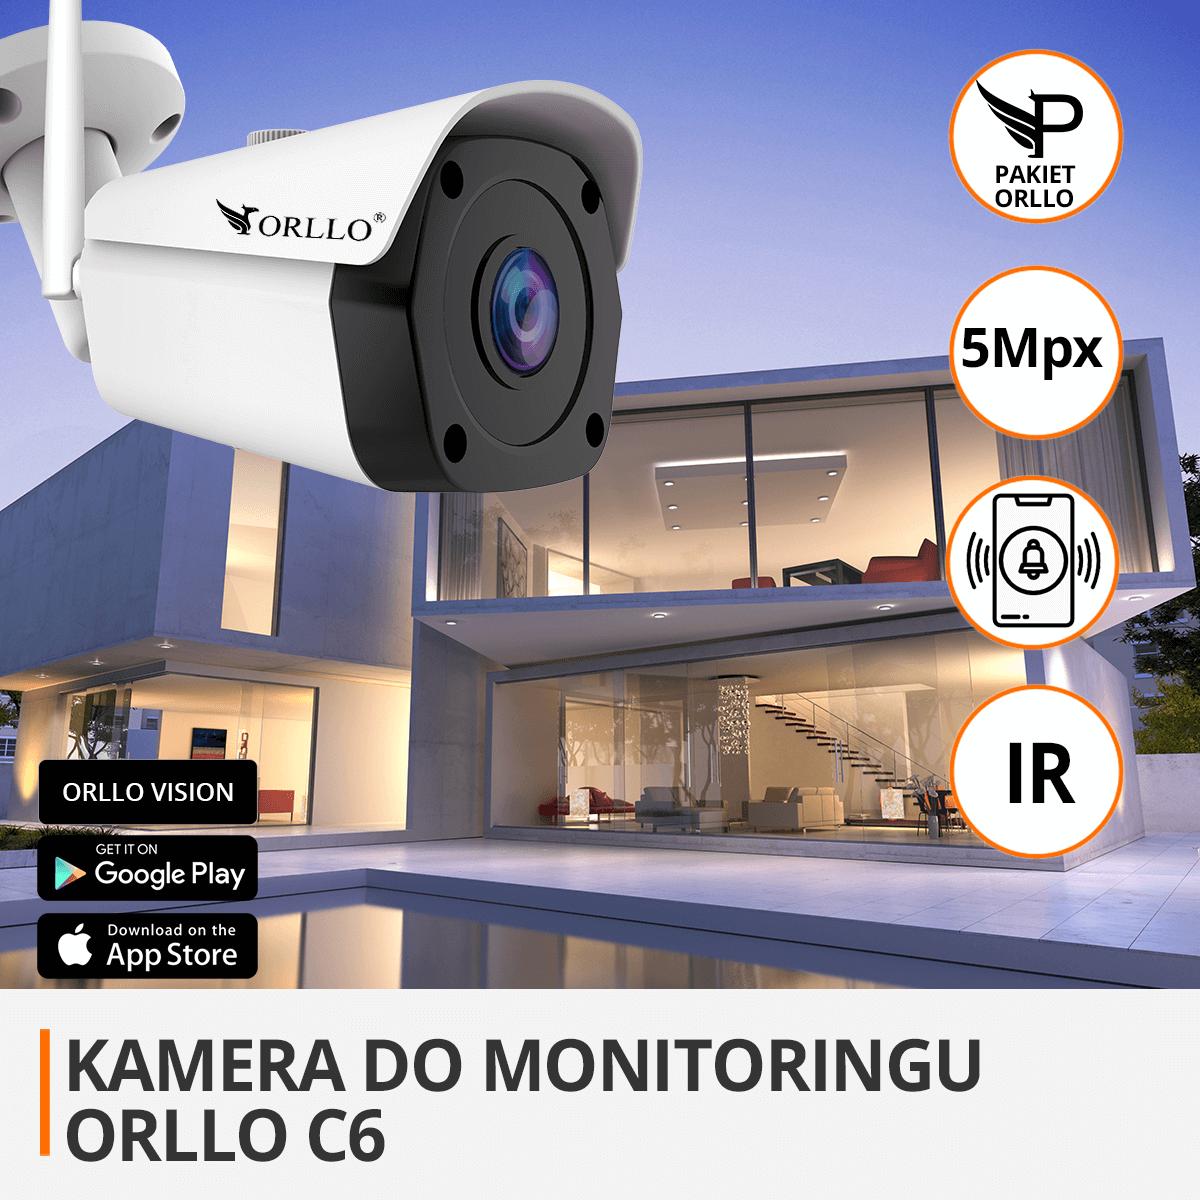 Kamera zewnętrzna ip wifi funckje orllo-pl